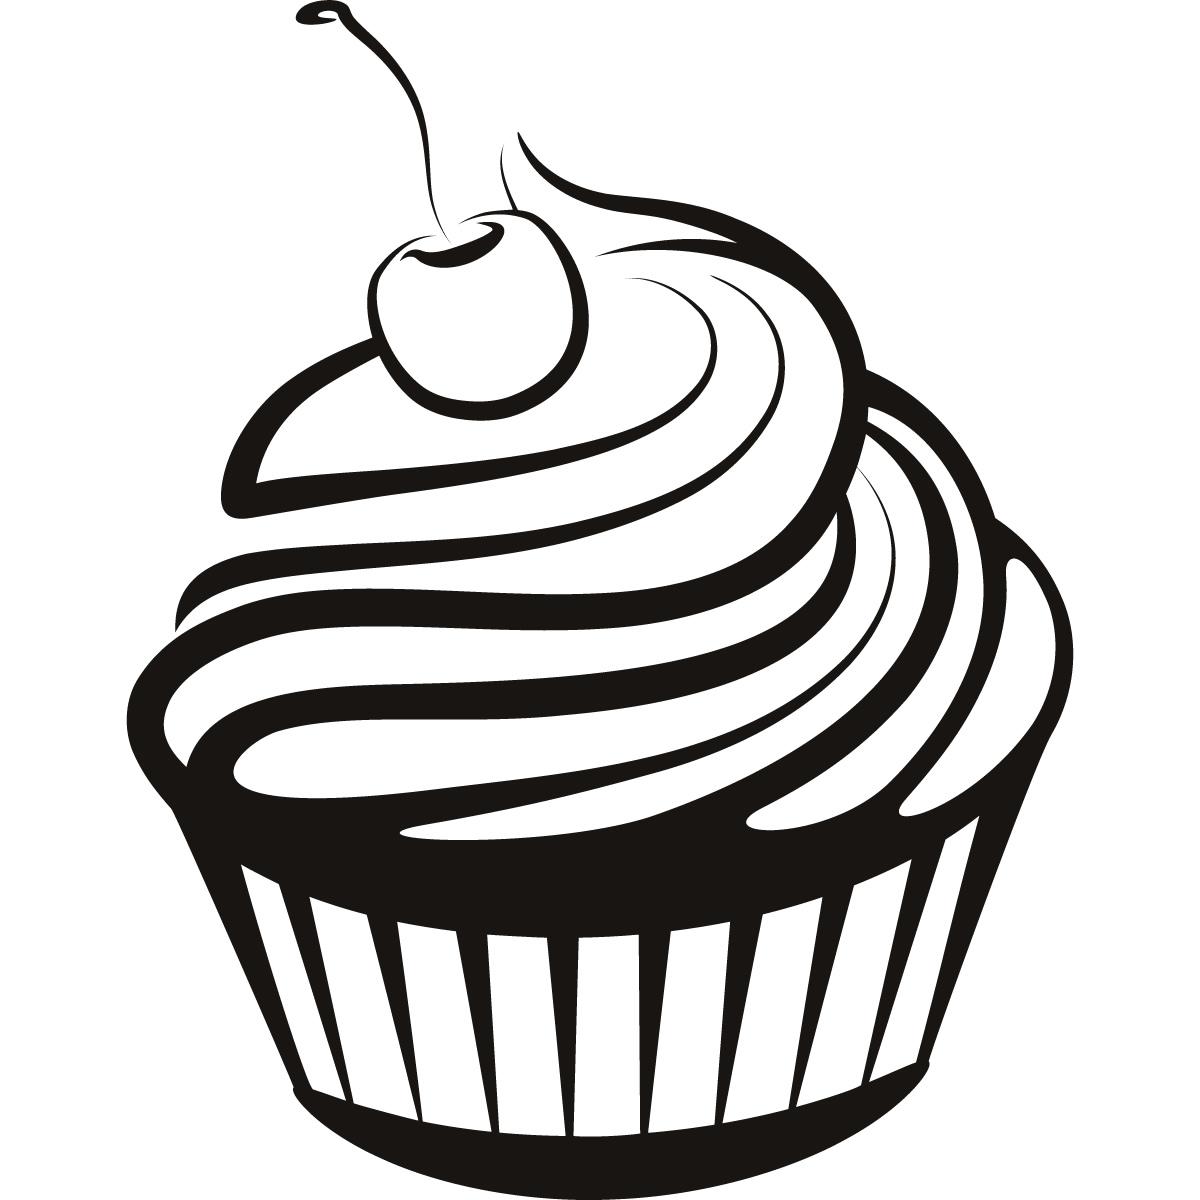 Free Cupcake Silhouette Png, Download Free Cupcake ... (1200 x 1200 Pixel)